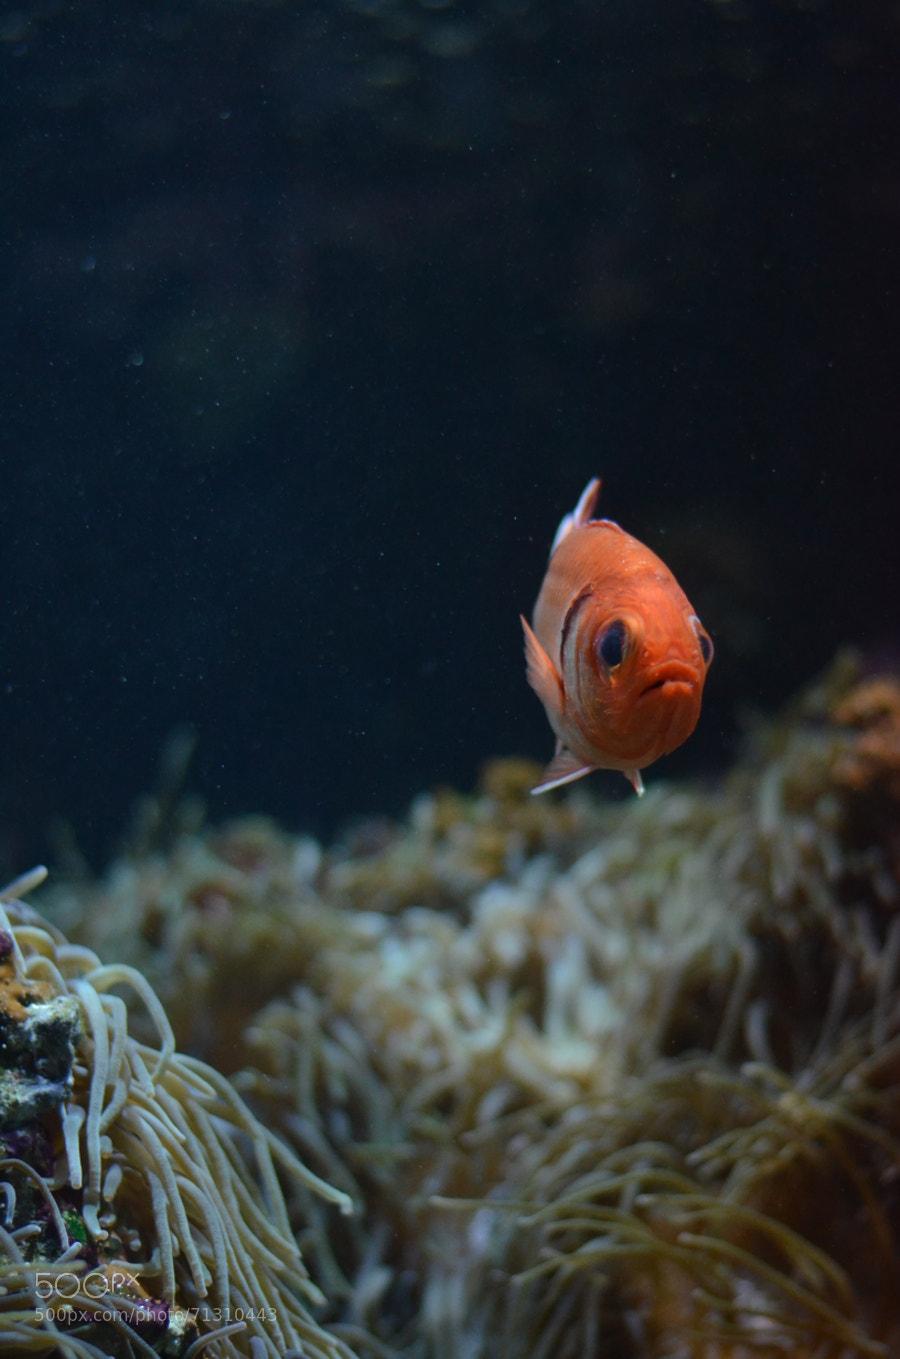 Fish by sara martignoni